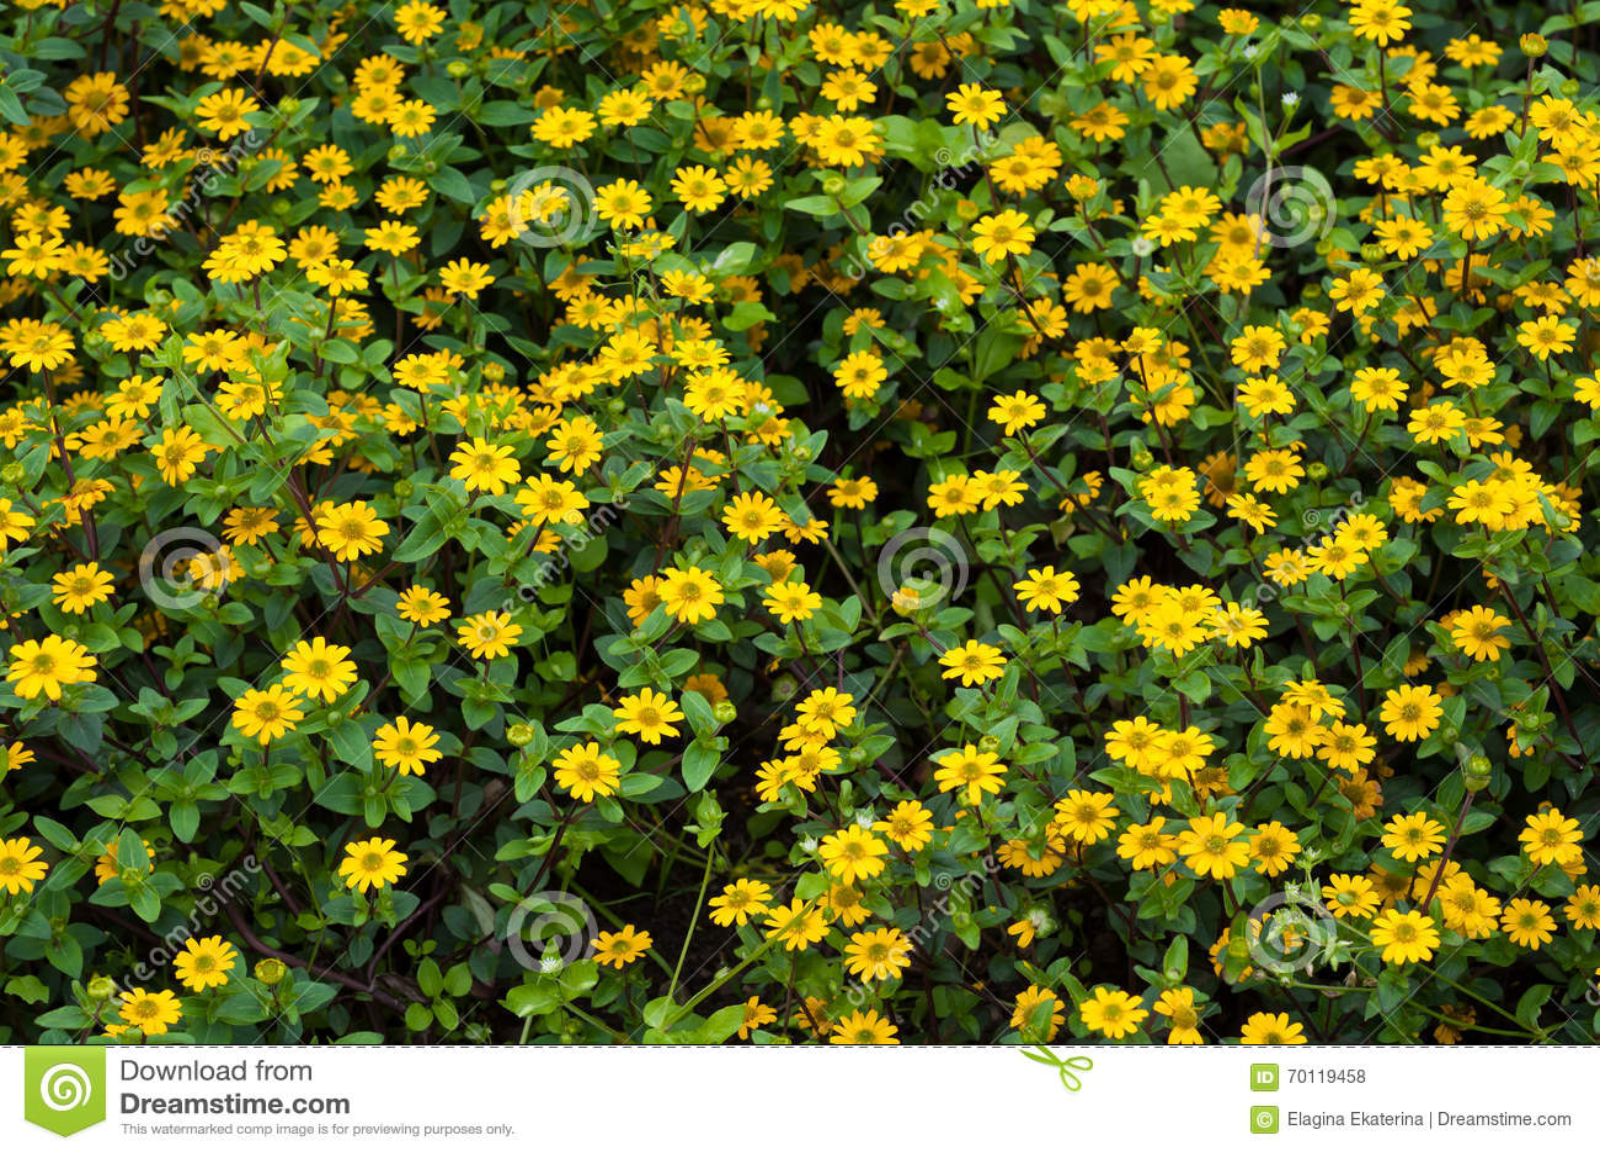 kleine gelbe blumen mit gr nen bl ttern stockfoto bild. Black Bedroom Furniture Sets. Home Design Ideas